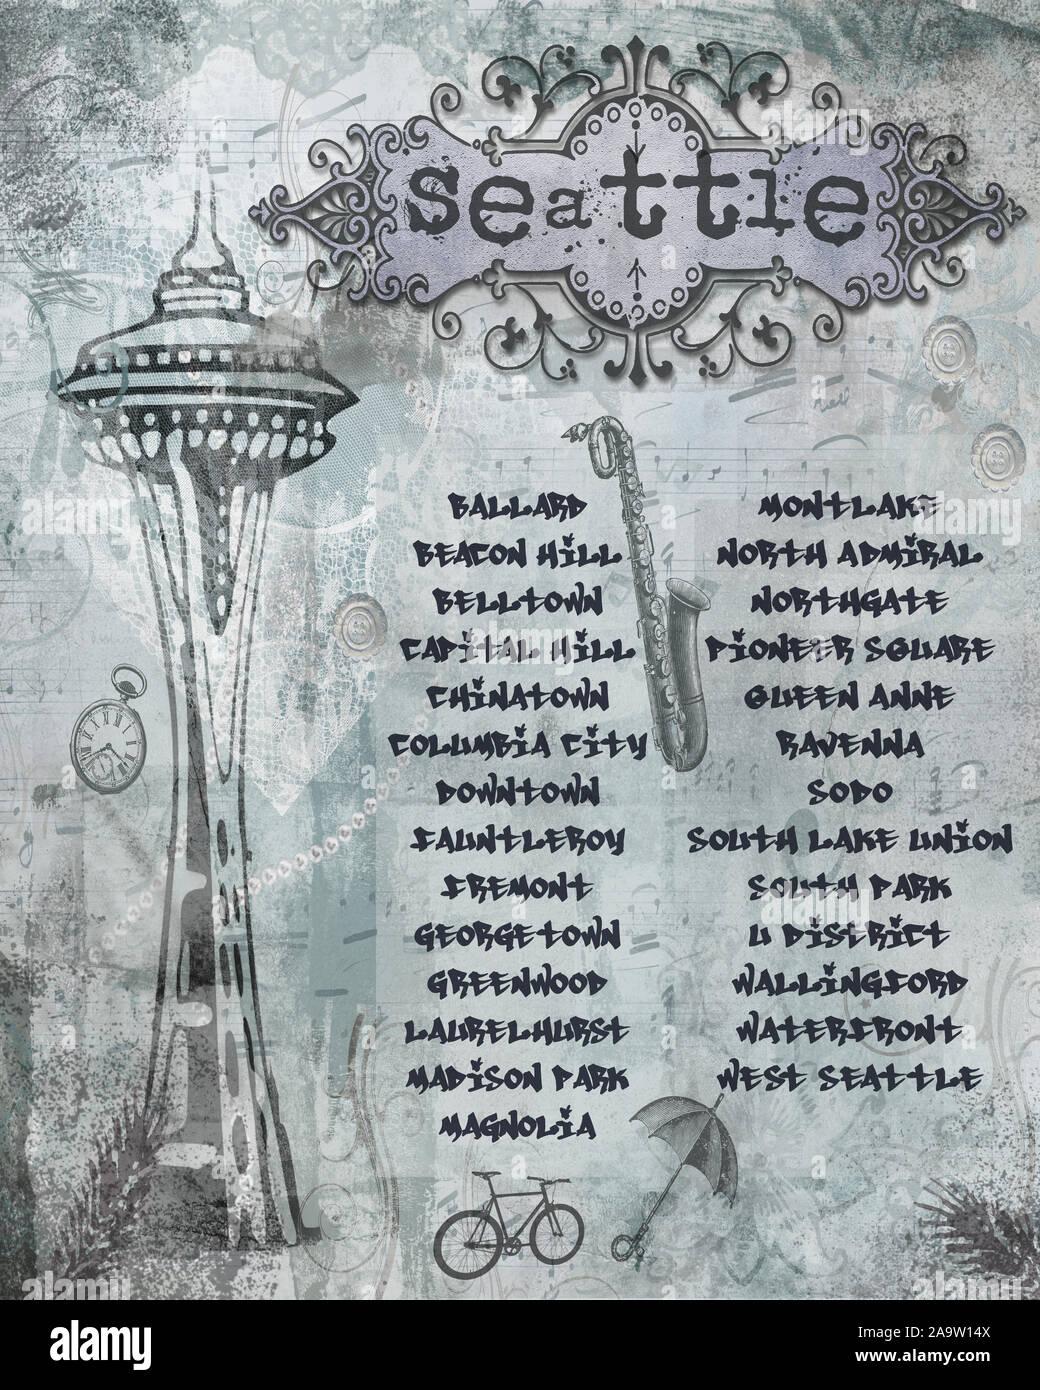 Seattle ephemera shabby art numérique avec de nombreux quartiers de Seattle dans la liste. Connu pour beaucoup de choses comme le Spaceneedle de Seattle, de la musique, d'un parasol, à vélo Banque D'Images